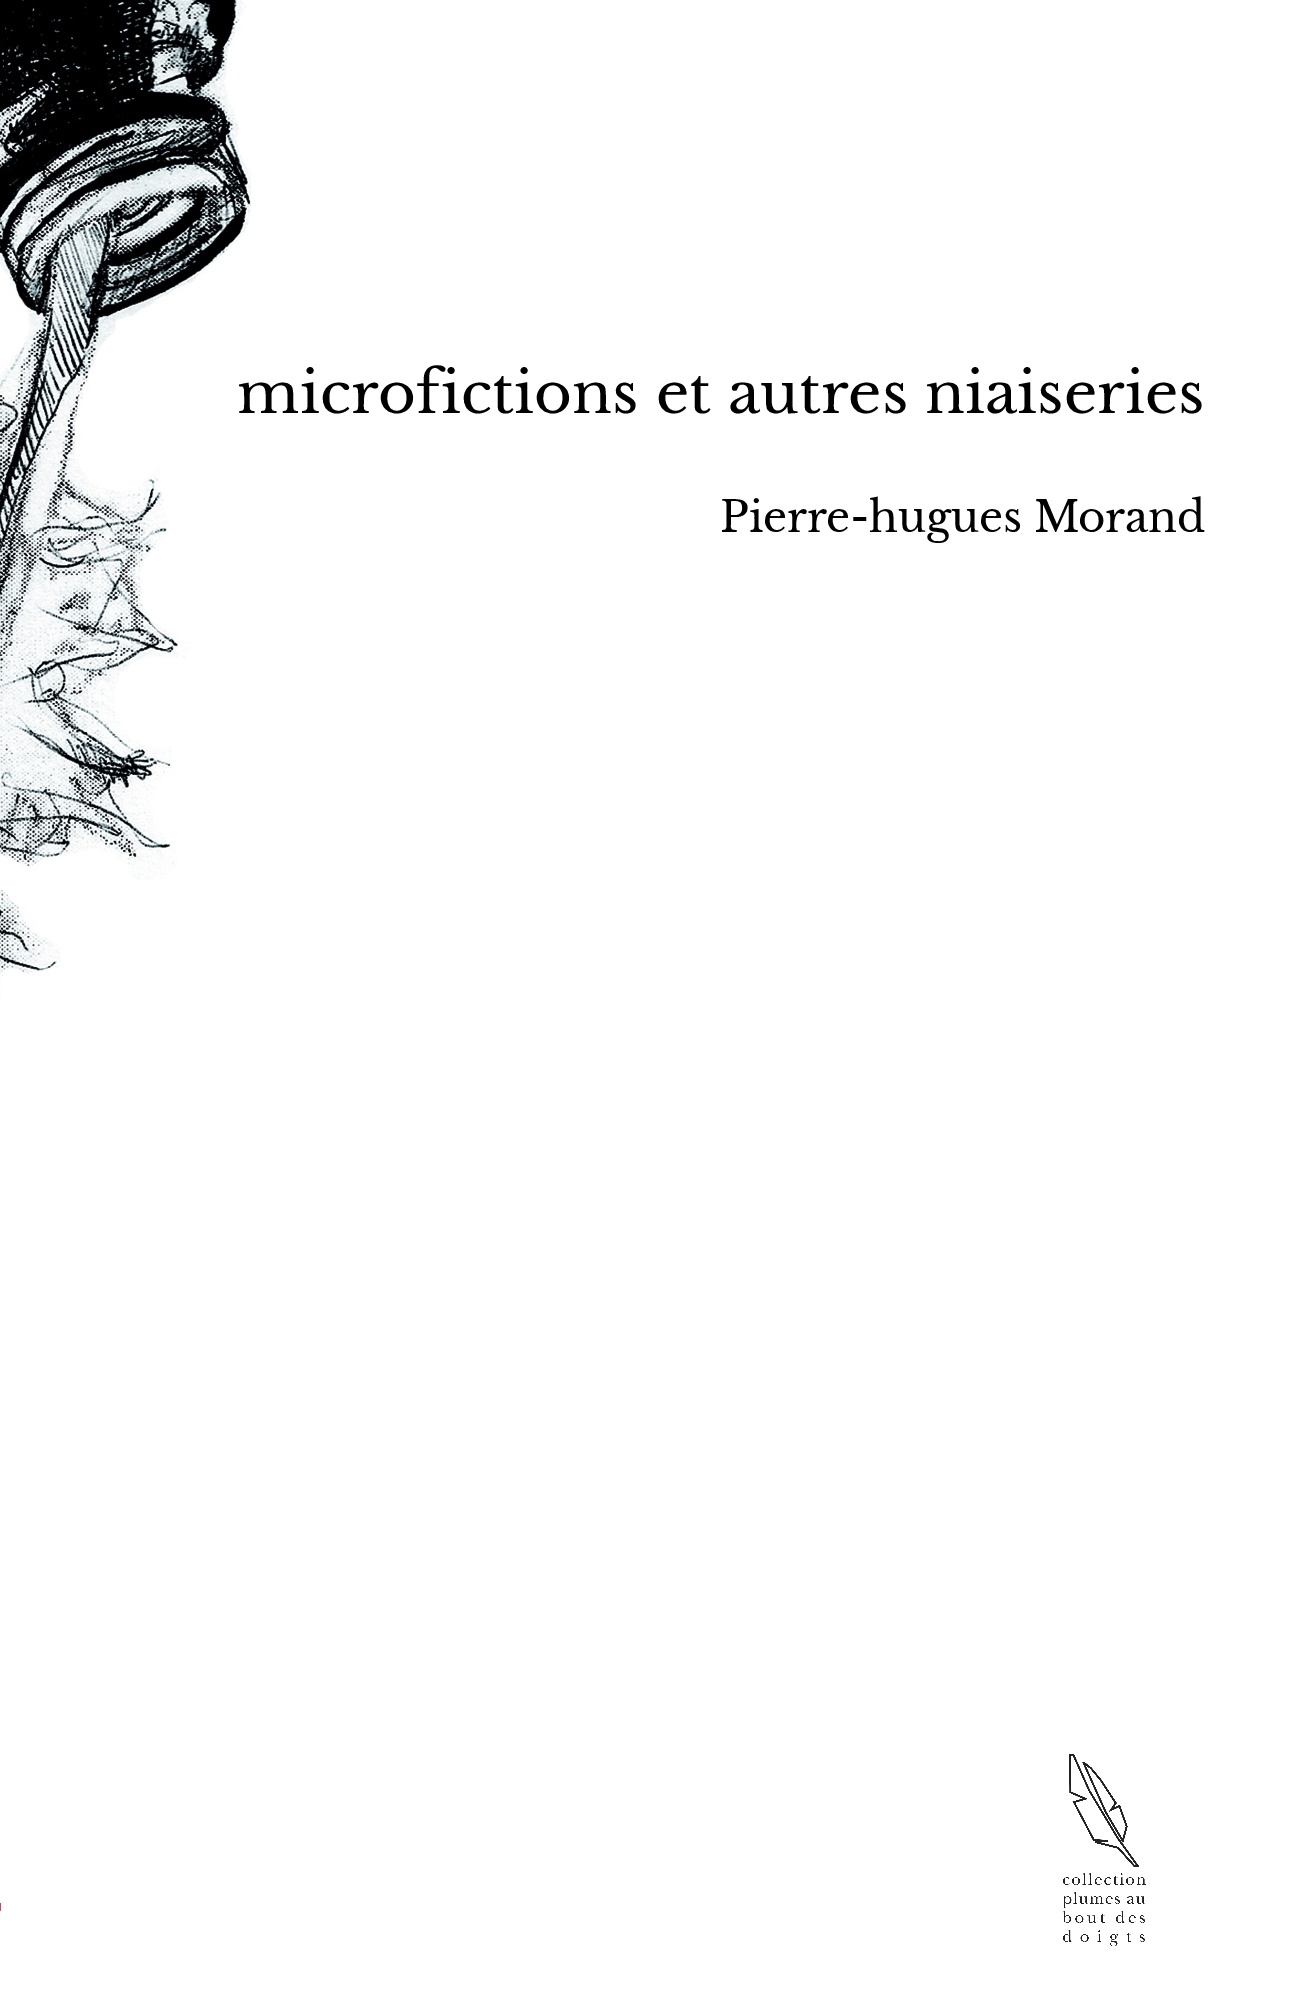 microfictions et autres niaiseries